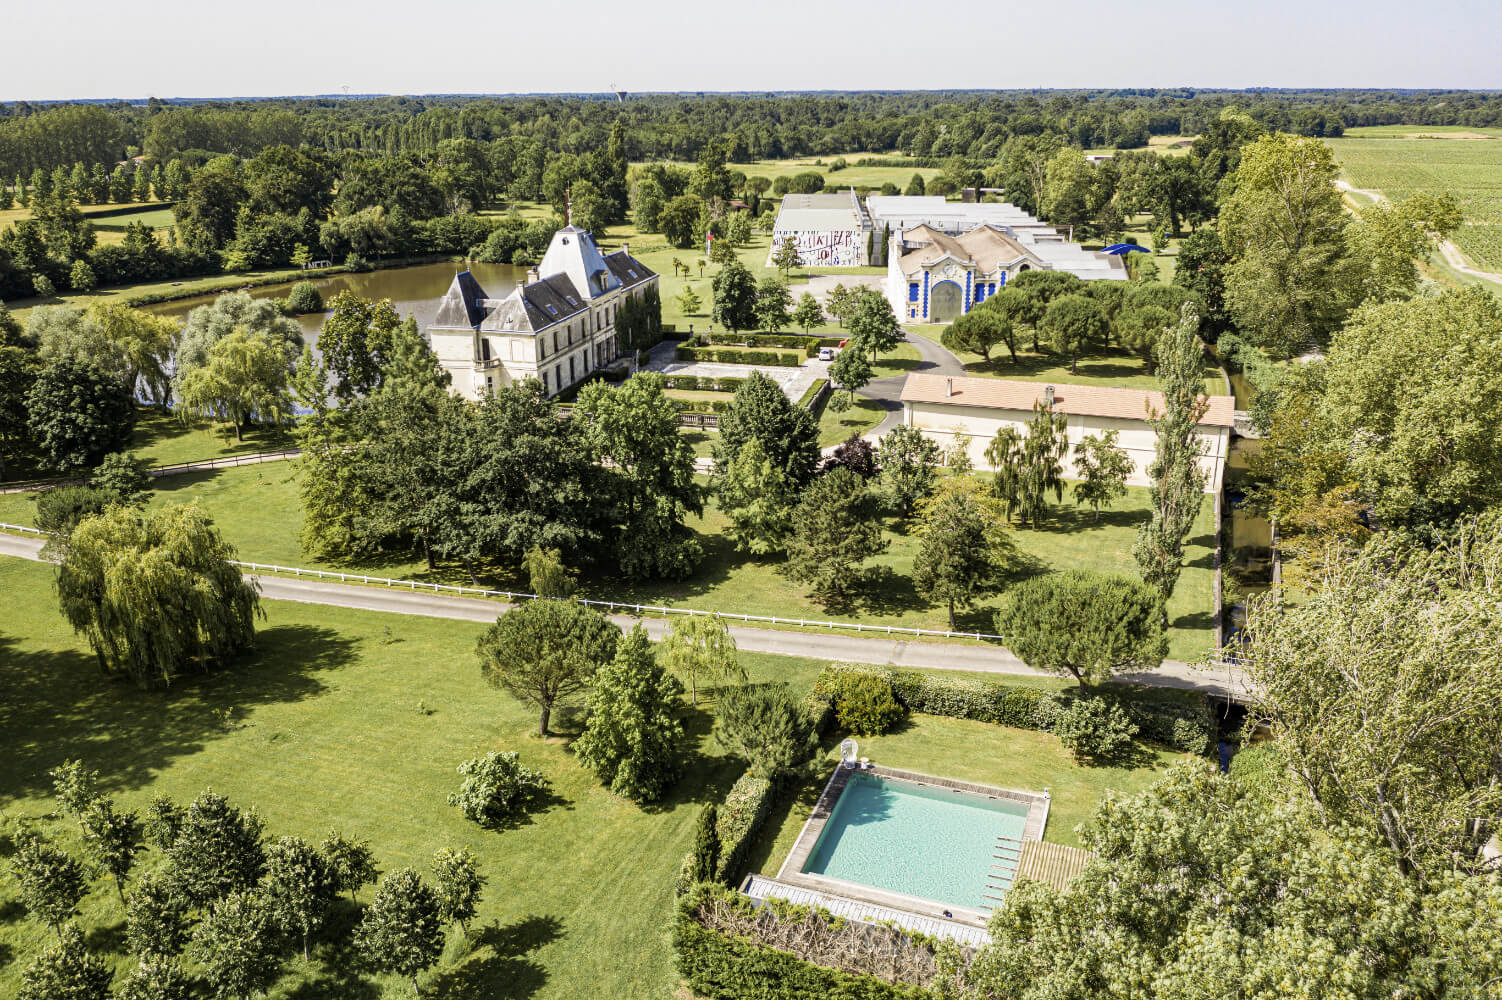 Piscine Haut de gamme à Arsac - Château d'Arsac - Aquitaine Piscines & Finitions